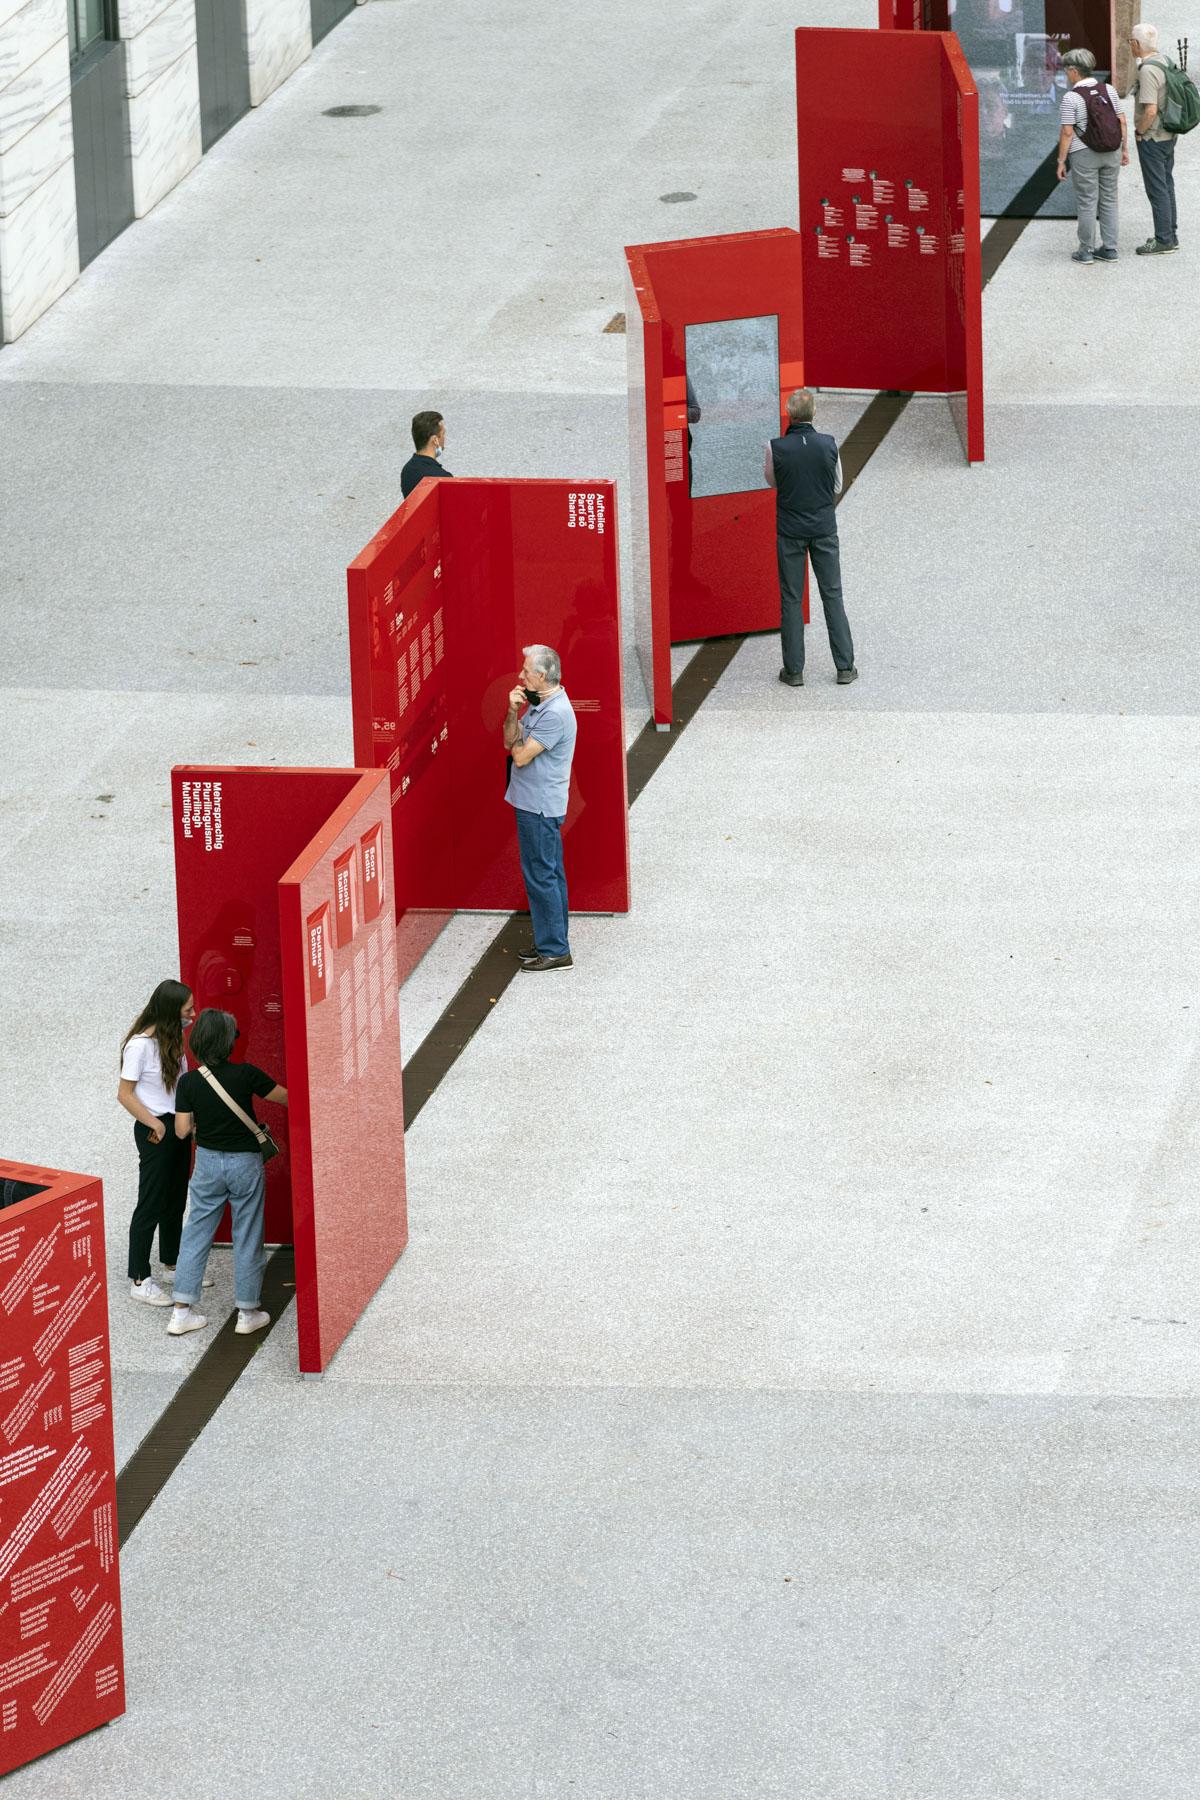 Die Besucher des Ausstellungsparcours zur Südtiroler Autonomie auf dem Silvius-Magnago-Platz in Bozen.